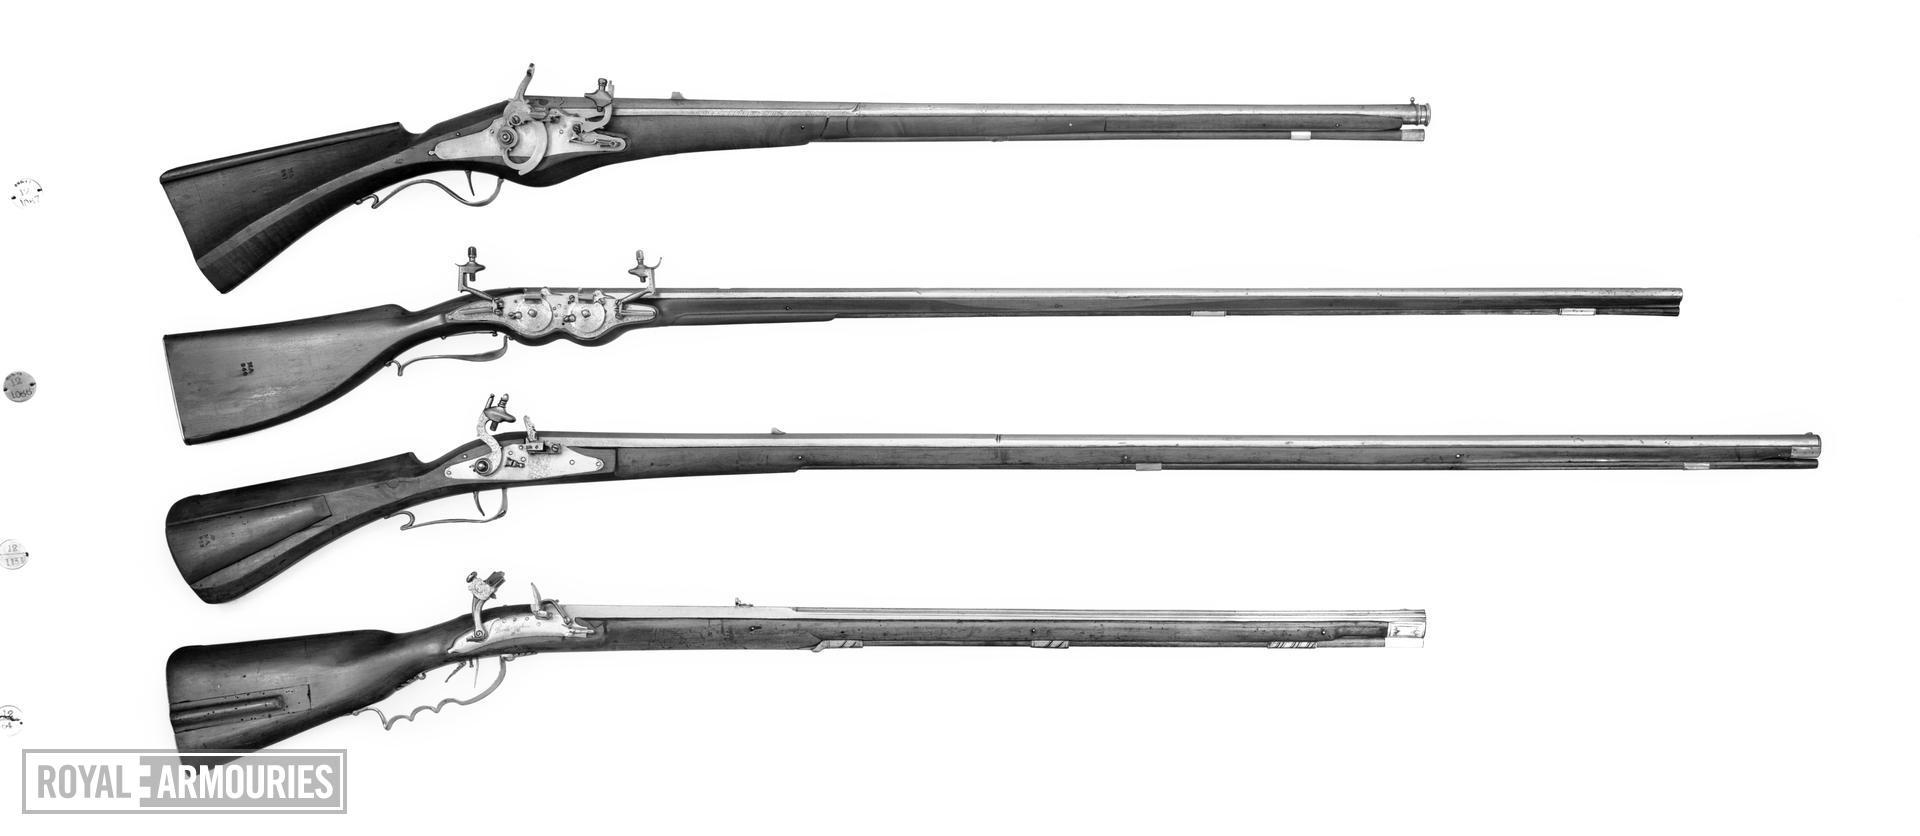 Snaphaunce muzzle-loading rifle - Ortner rifle